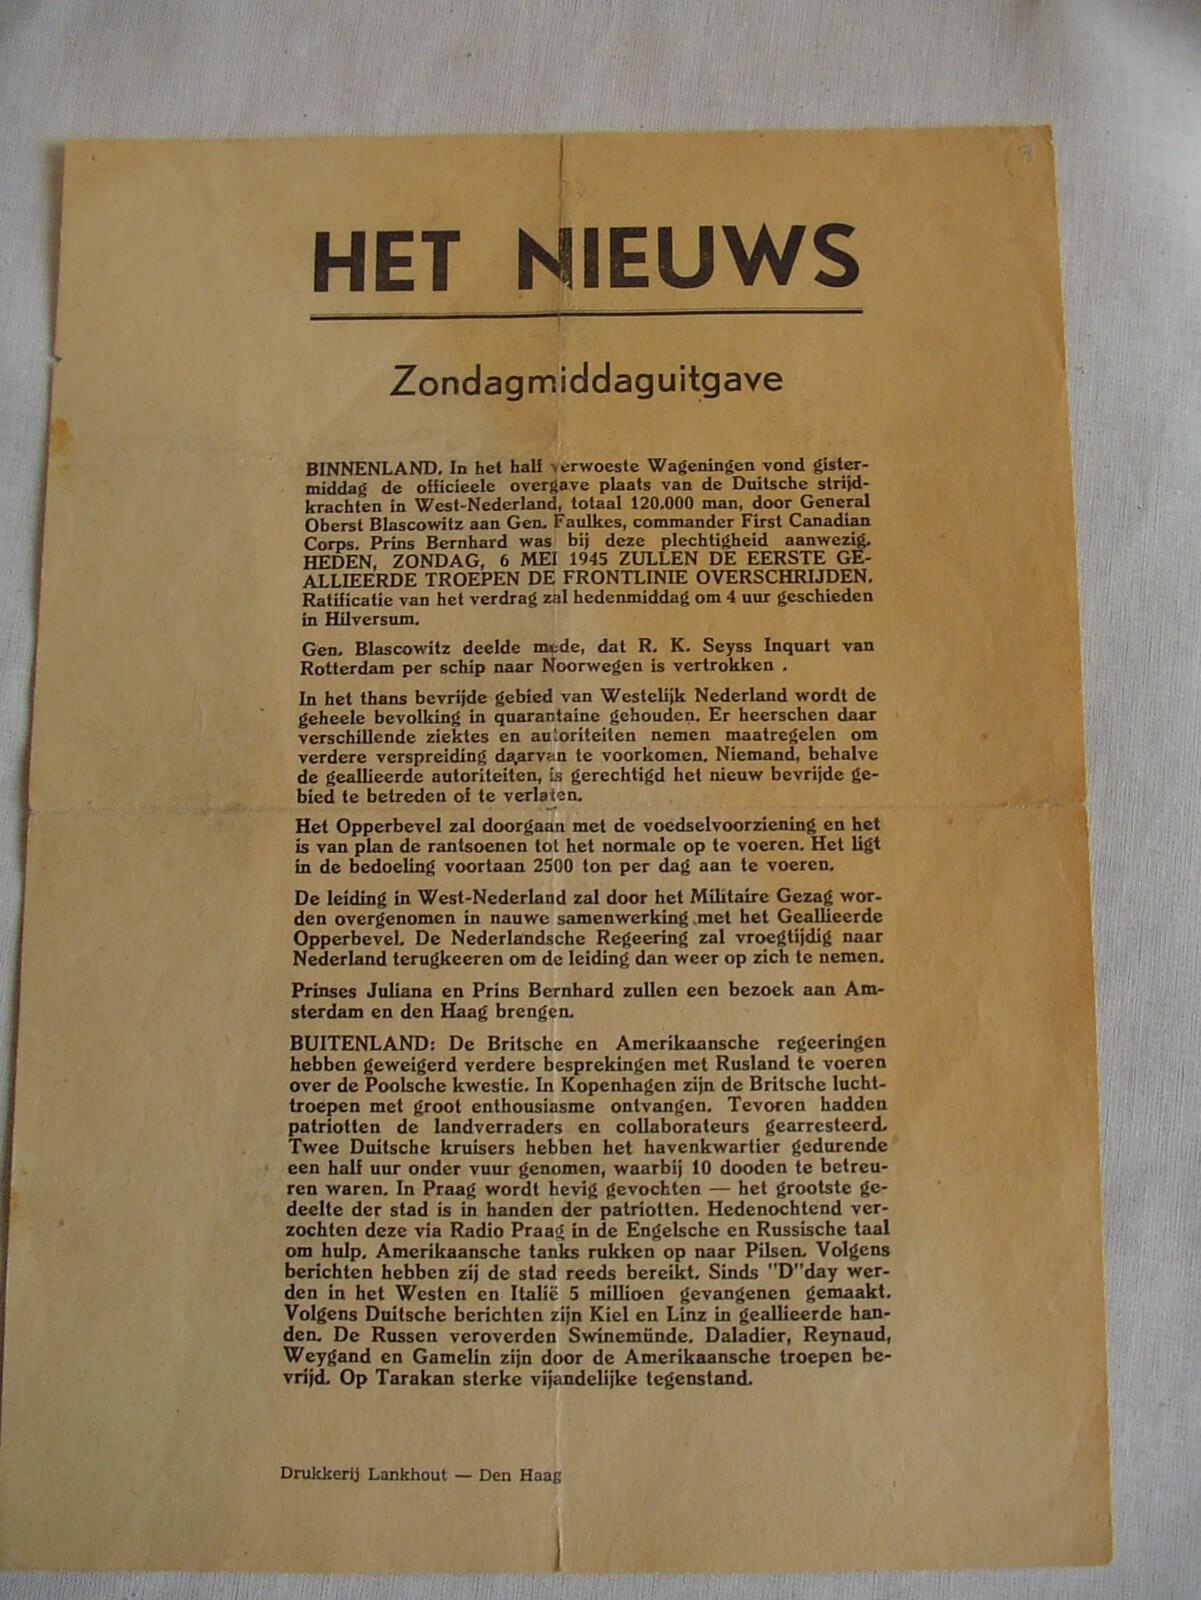 Kranten bevrijding de tweede wereldoorlog krant wo2 1945 Het Nieuws